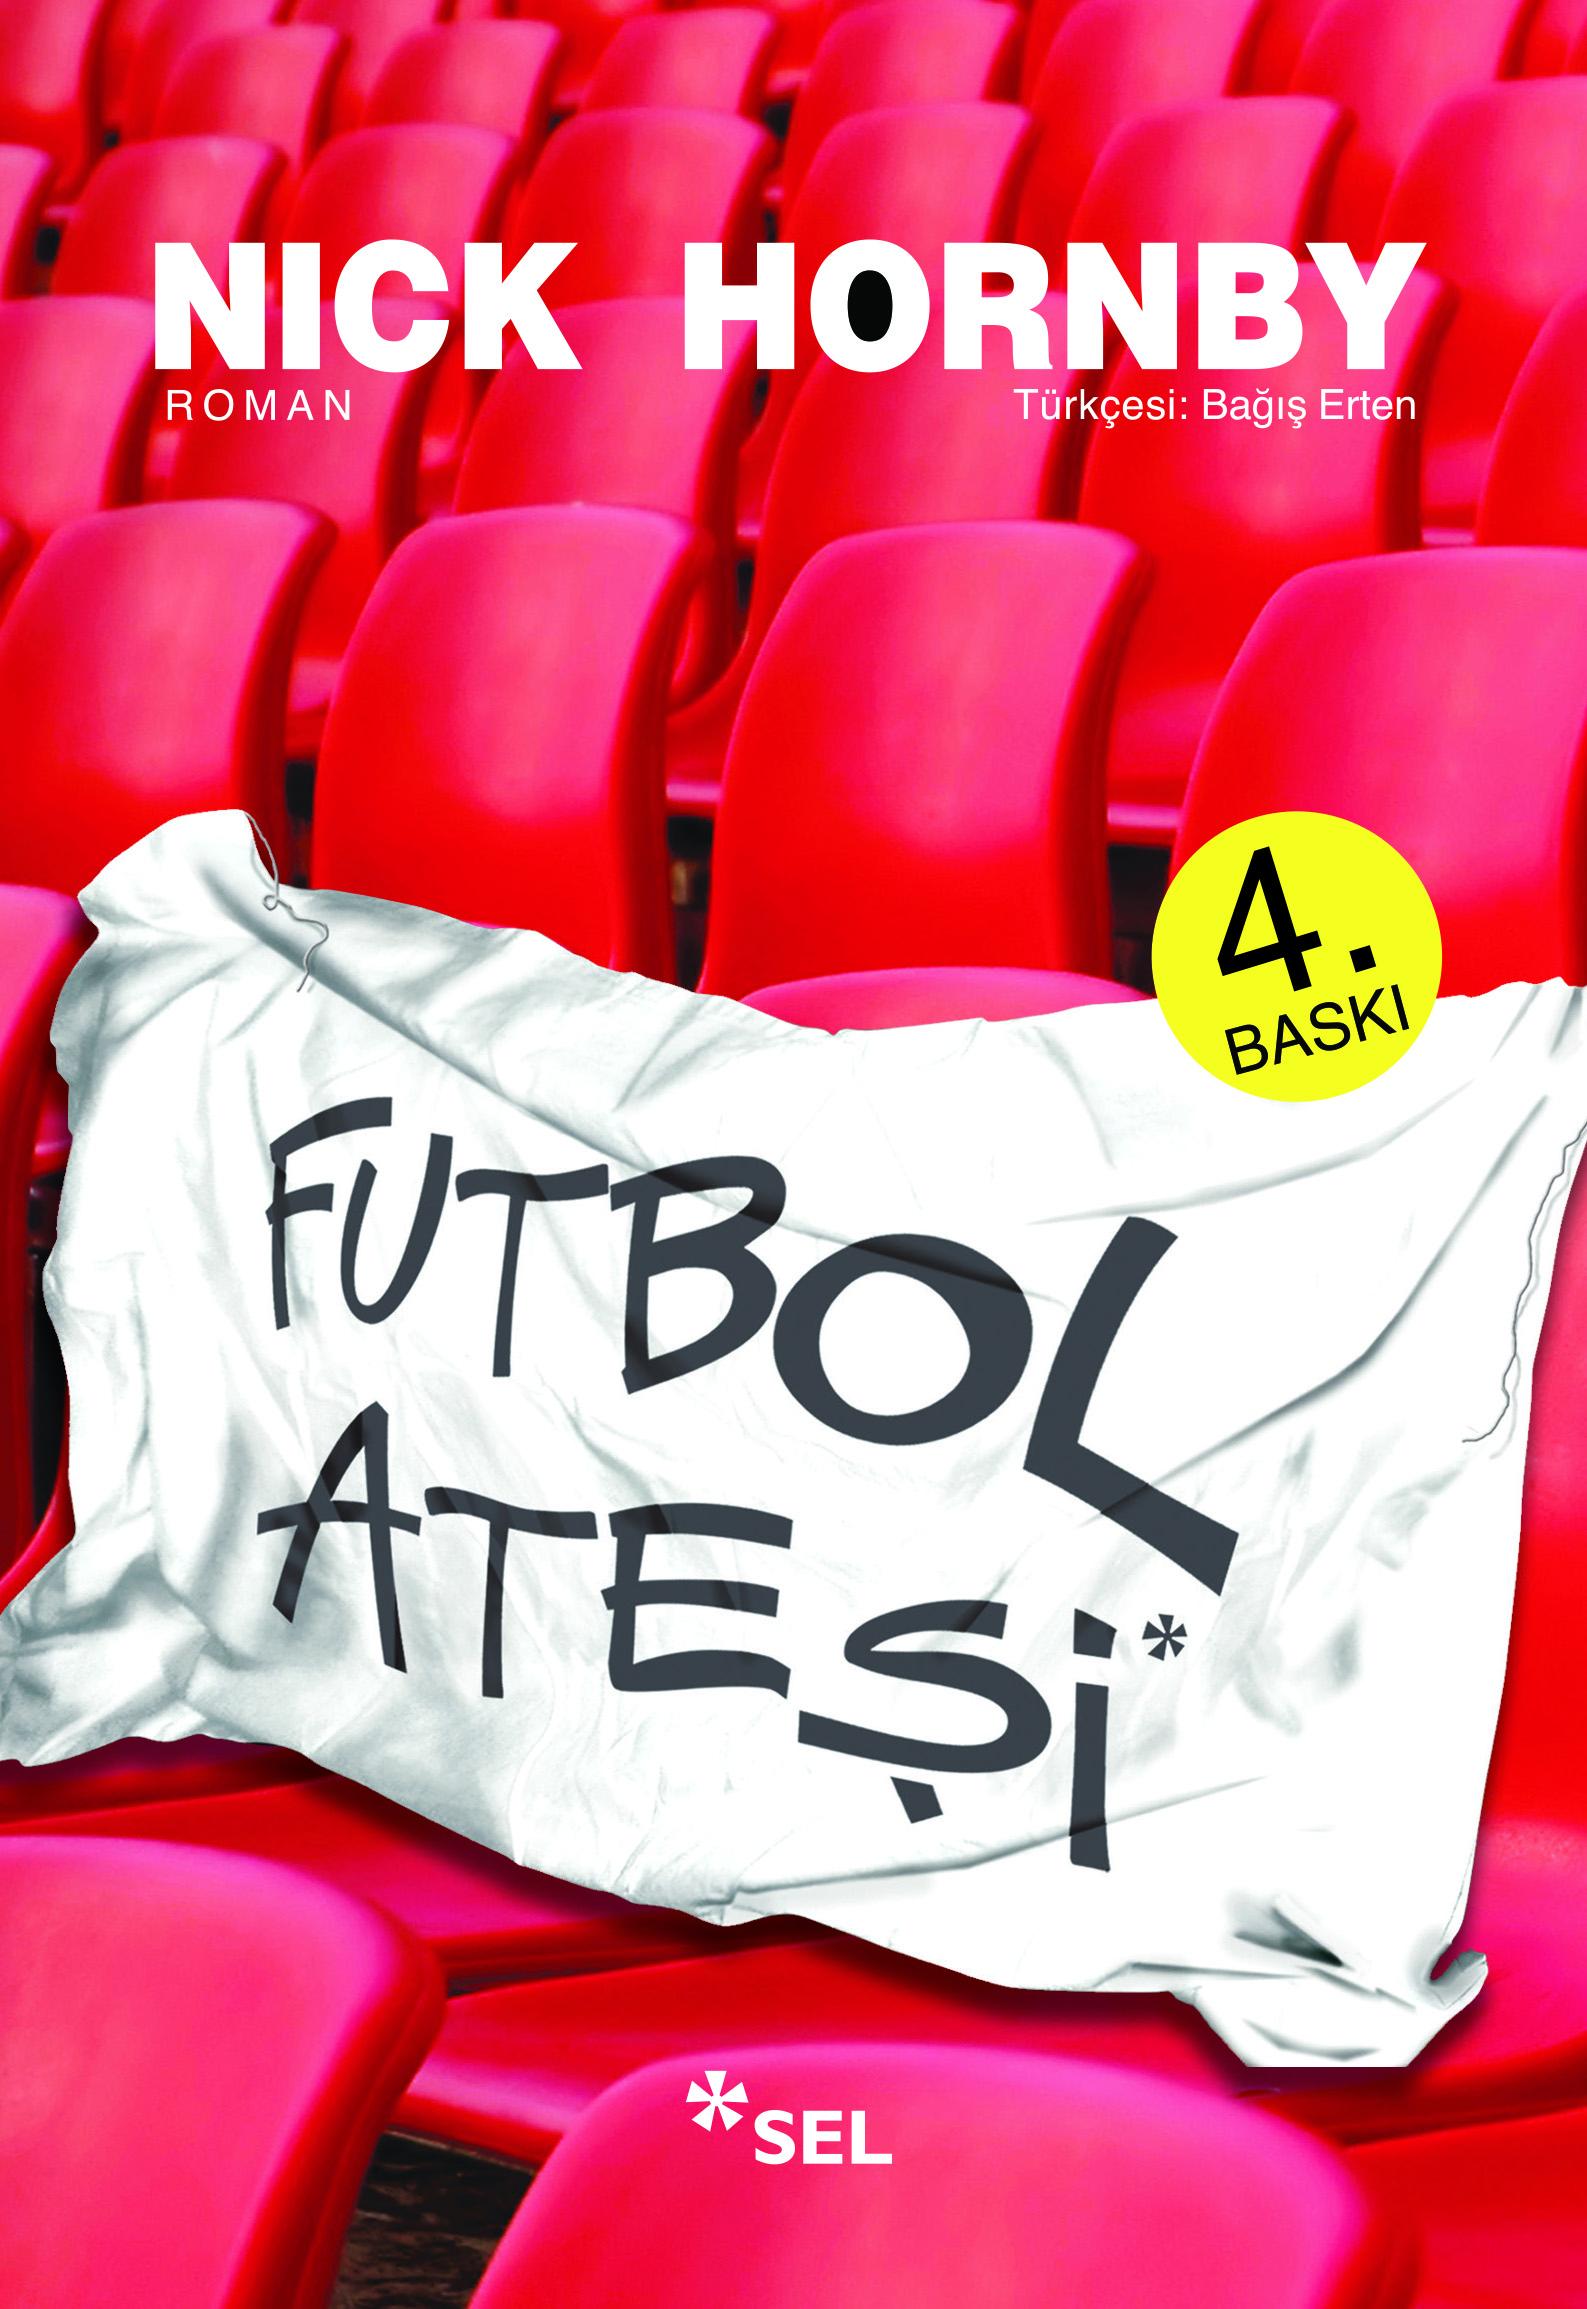 Futbol Ateşi